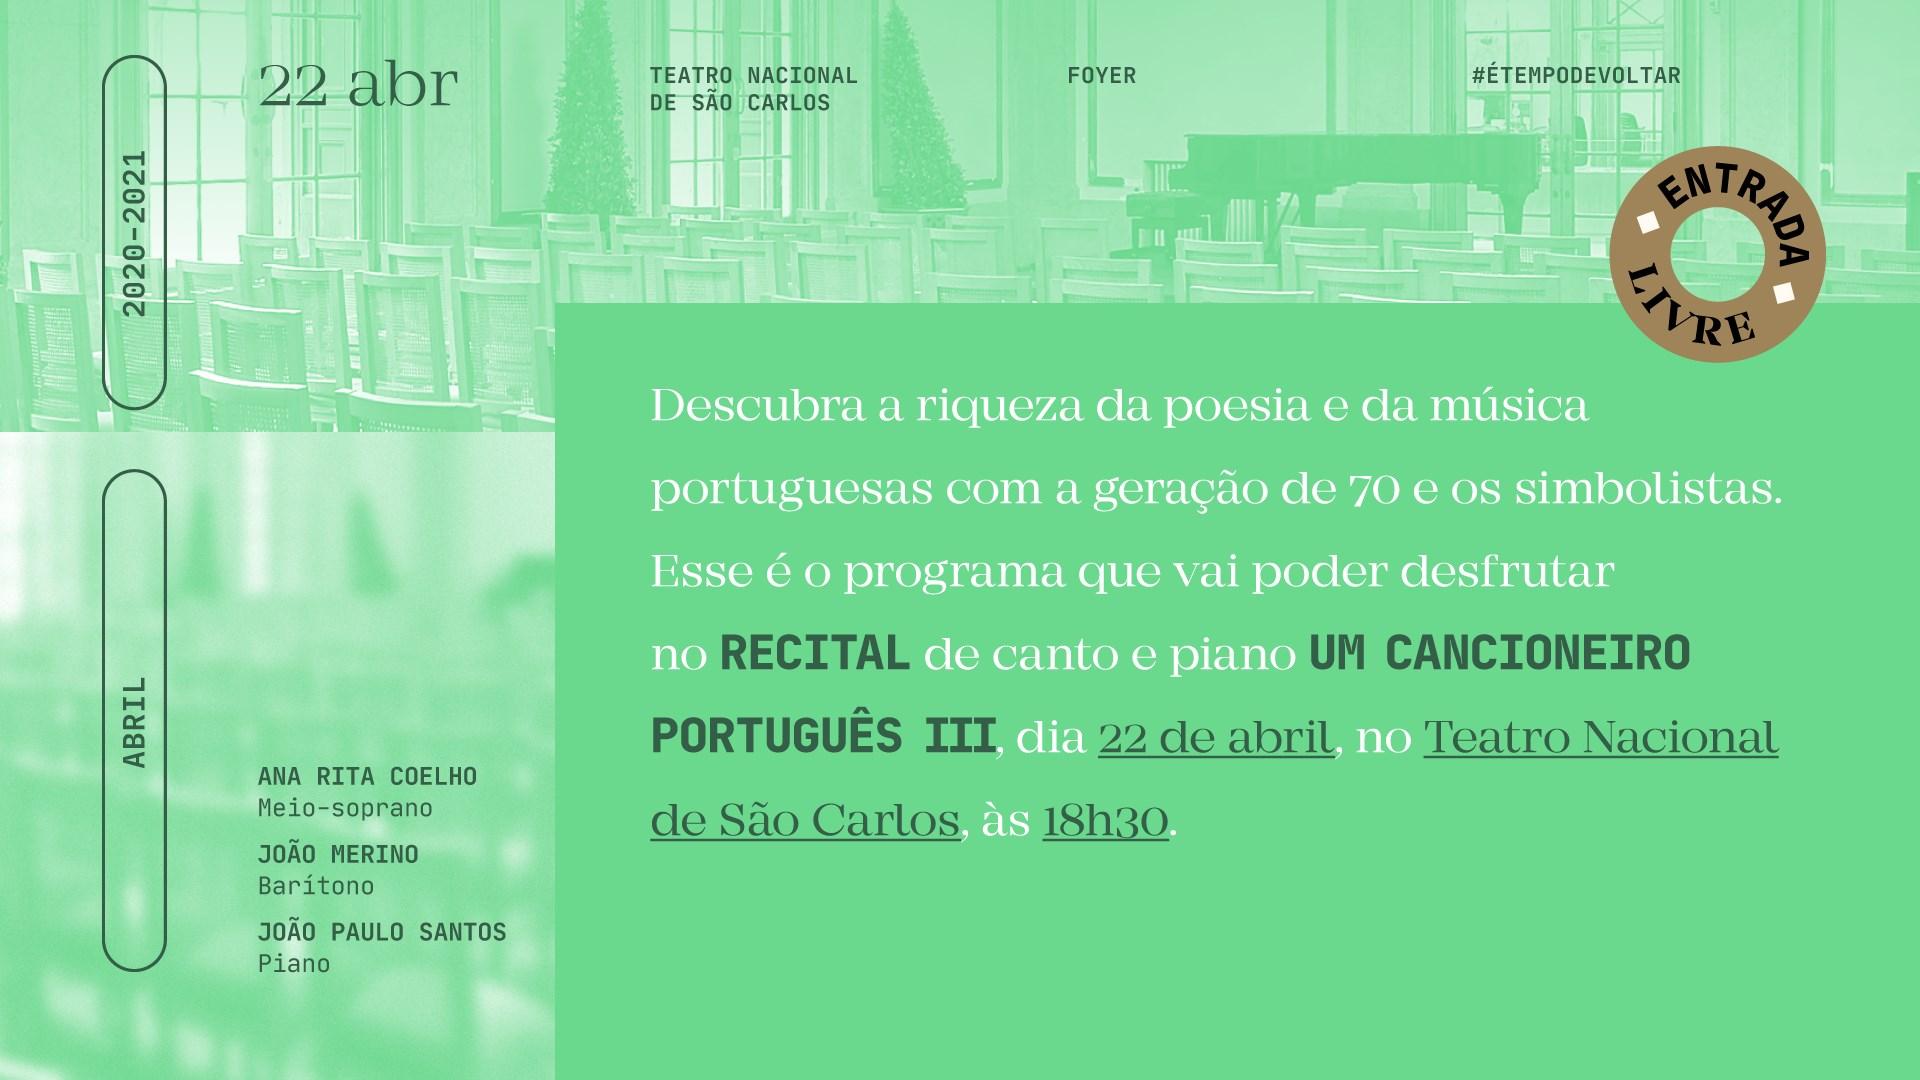 Foyer Teatro Nacional de São Carlos — Recital de Canto e Piano Um Cancioneiro Português III